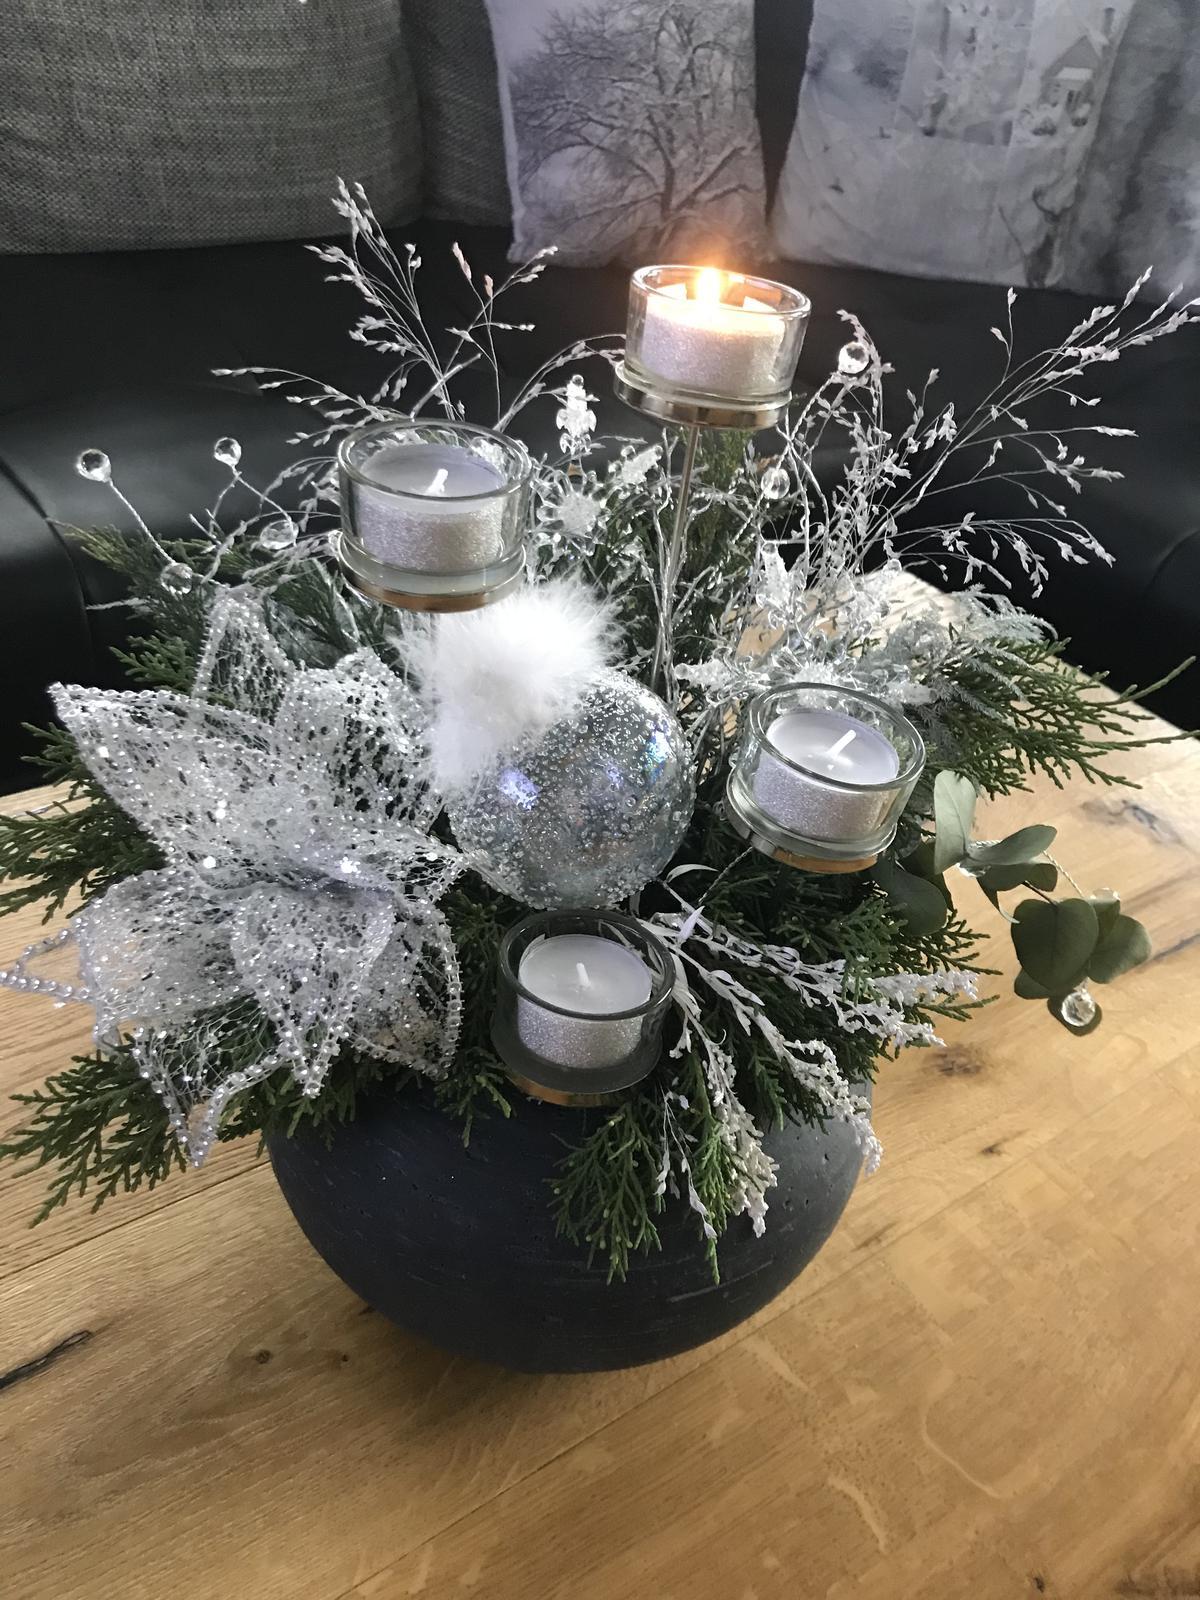 Než začne advent - Vánoce 2018 - Přejeme krásný Adventní čas :-)